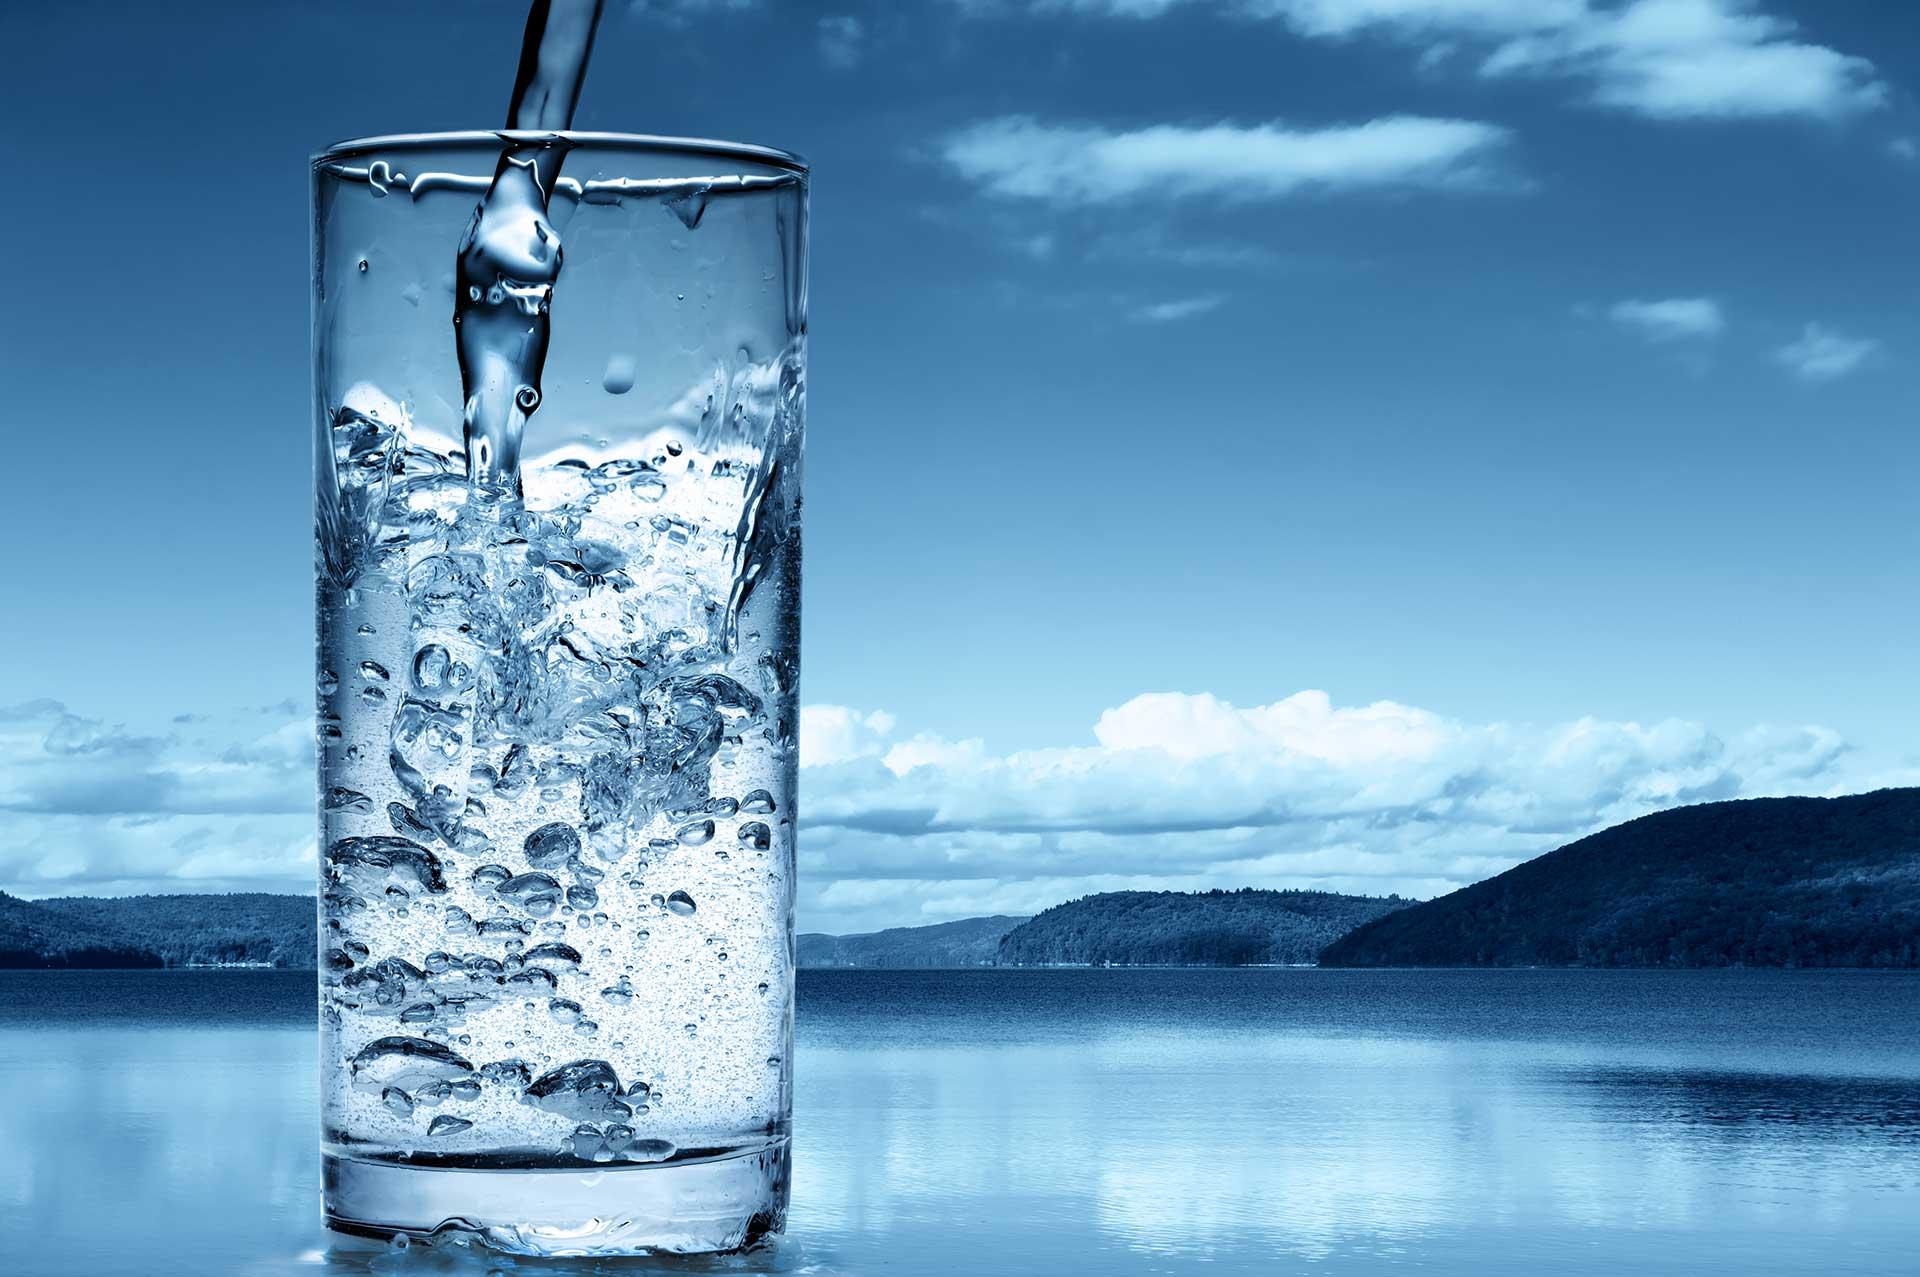 Крымские власти намерены разобраться с проблемами водоснабжения региона